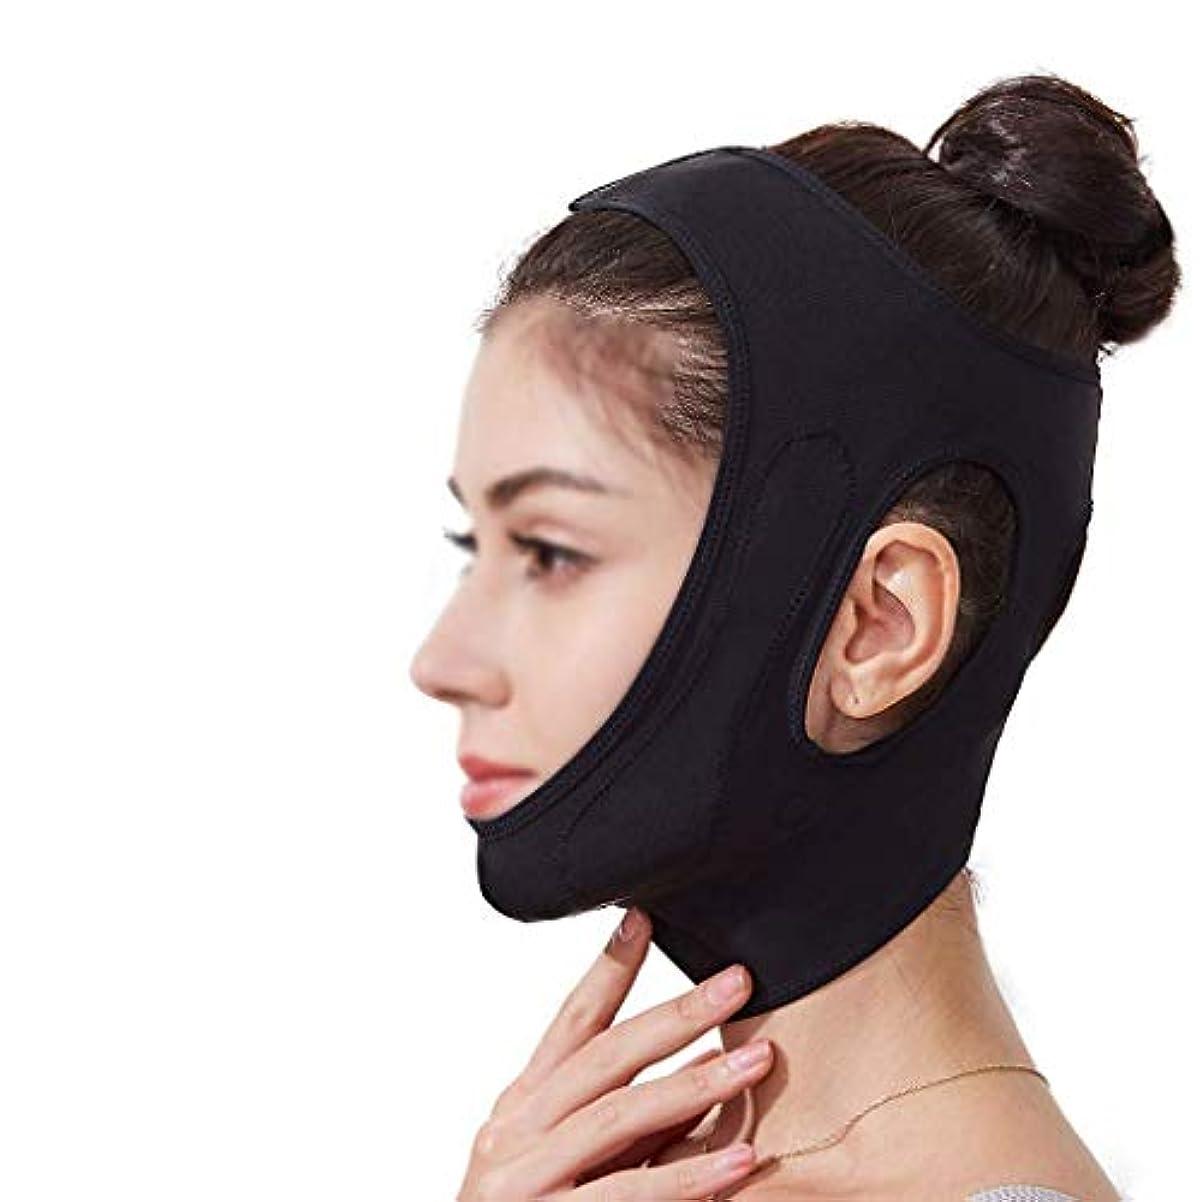 実業家通信する航空会社フェイスリフティングバンデージ、顔の頬V字型リフティングフェイスマスクしわの軽減ダブルチン快適な包帯で小さなVフェイスを作成(色:黒)